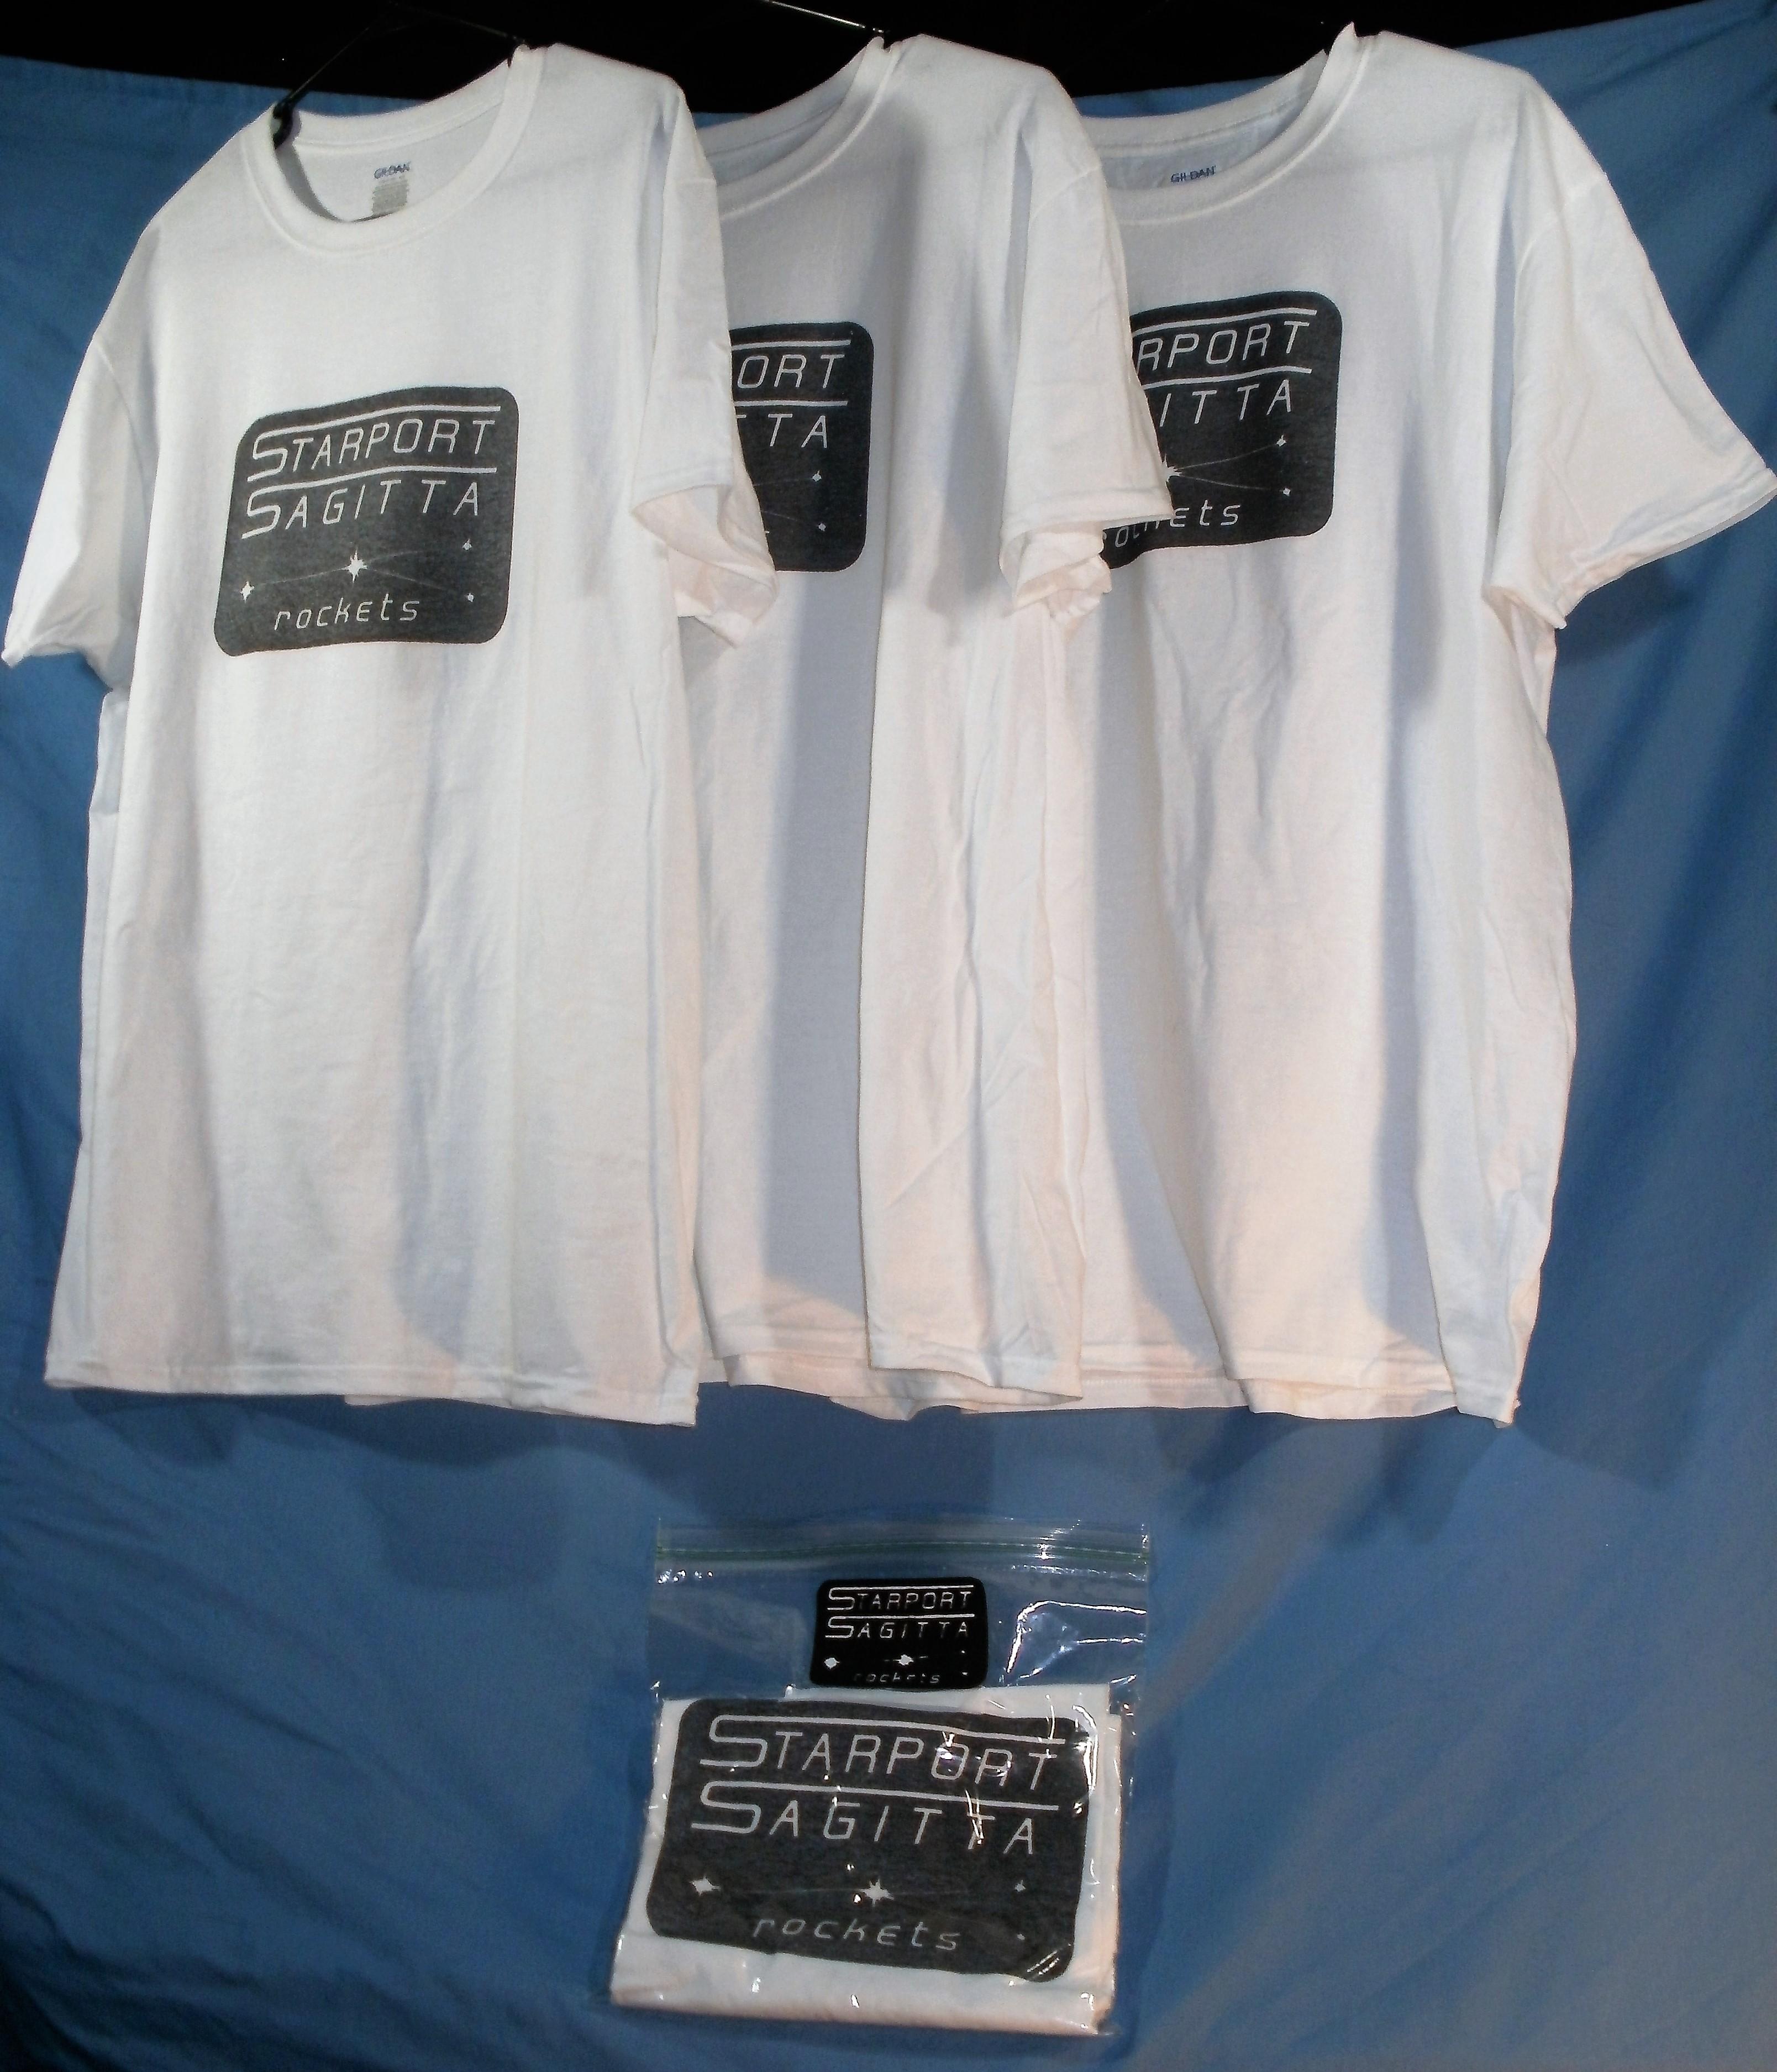 Starport Sagitta Tee-Shirt